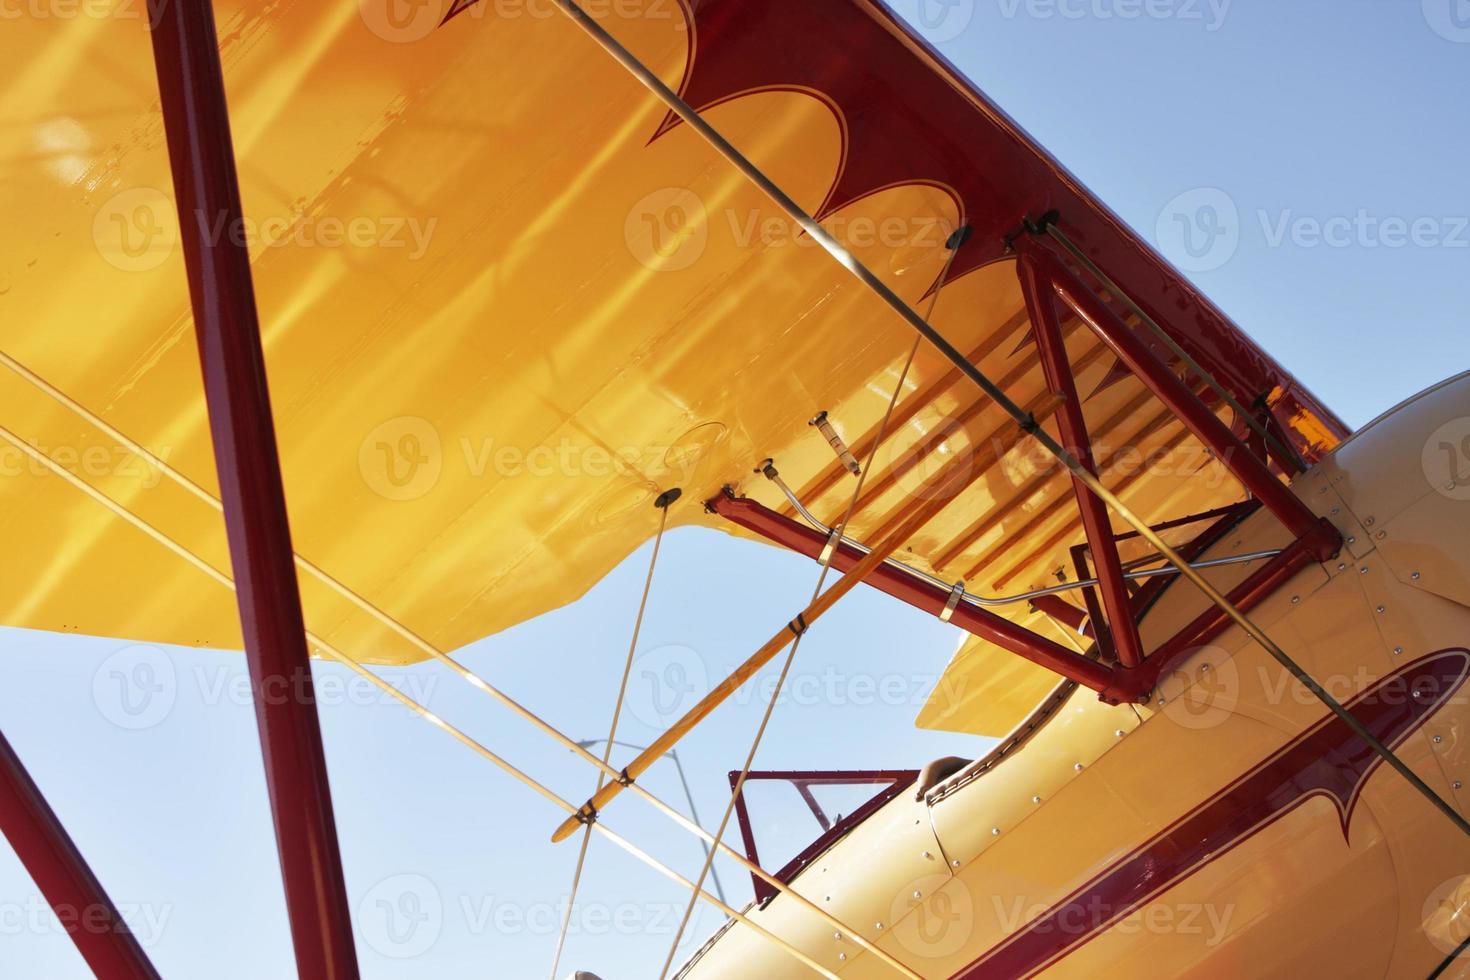 ala del fuselaje del avión foto